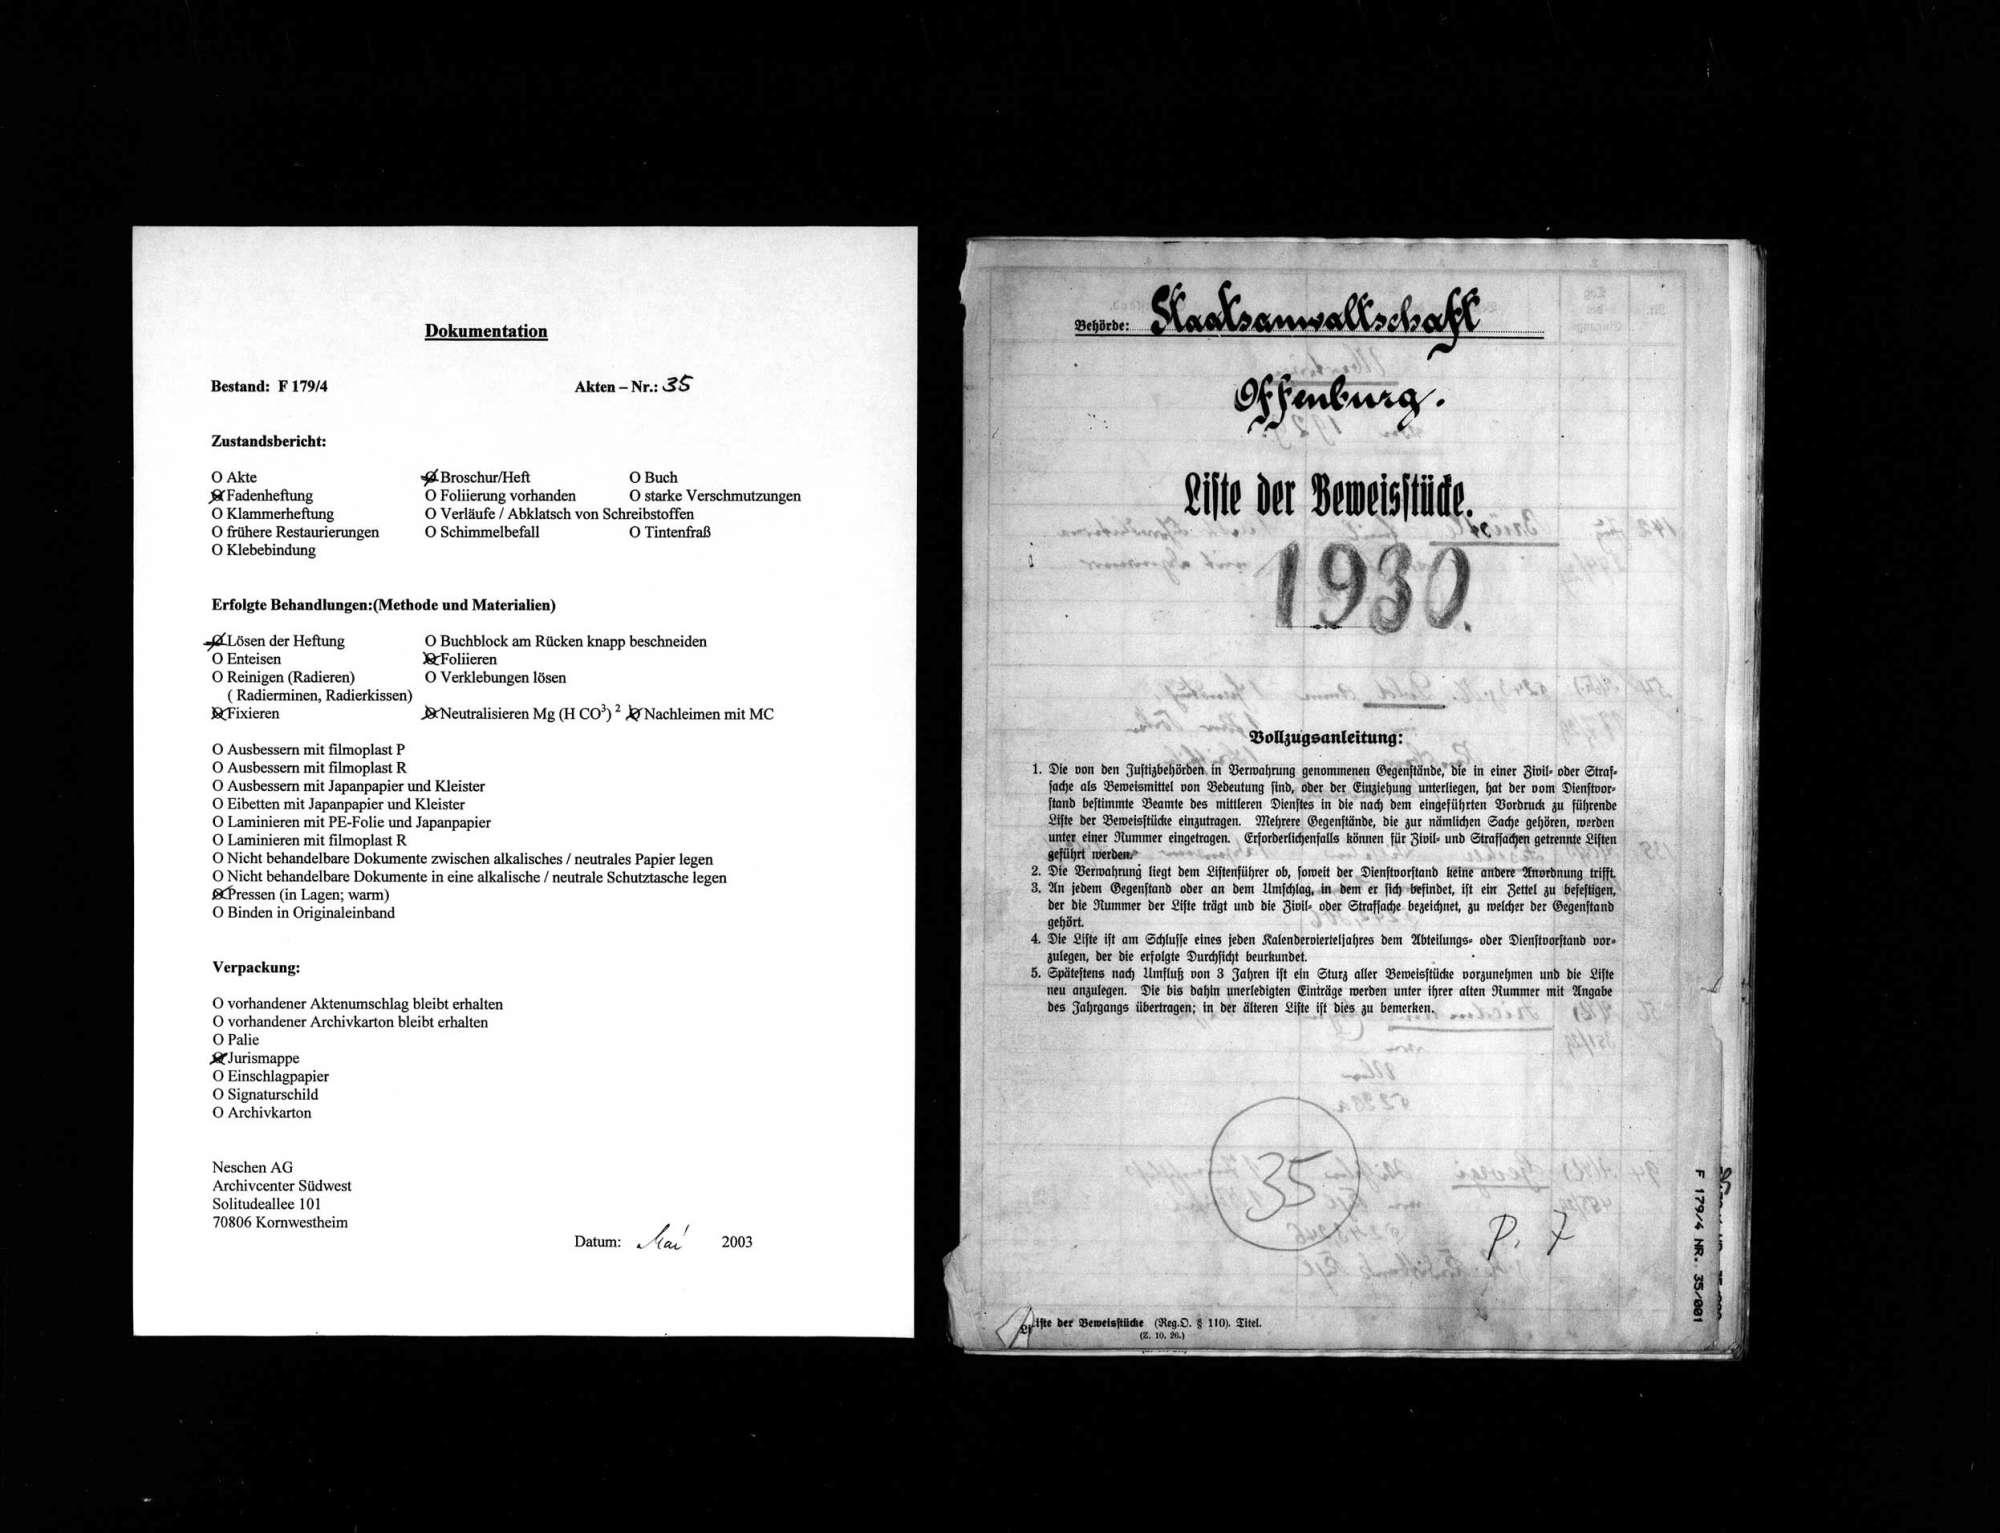 Liste der Beweisstücke anderer Verfahren 1930, Bild 1